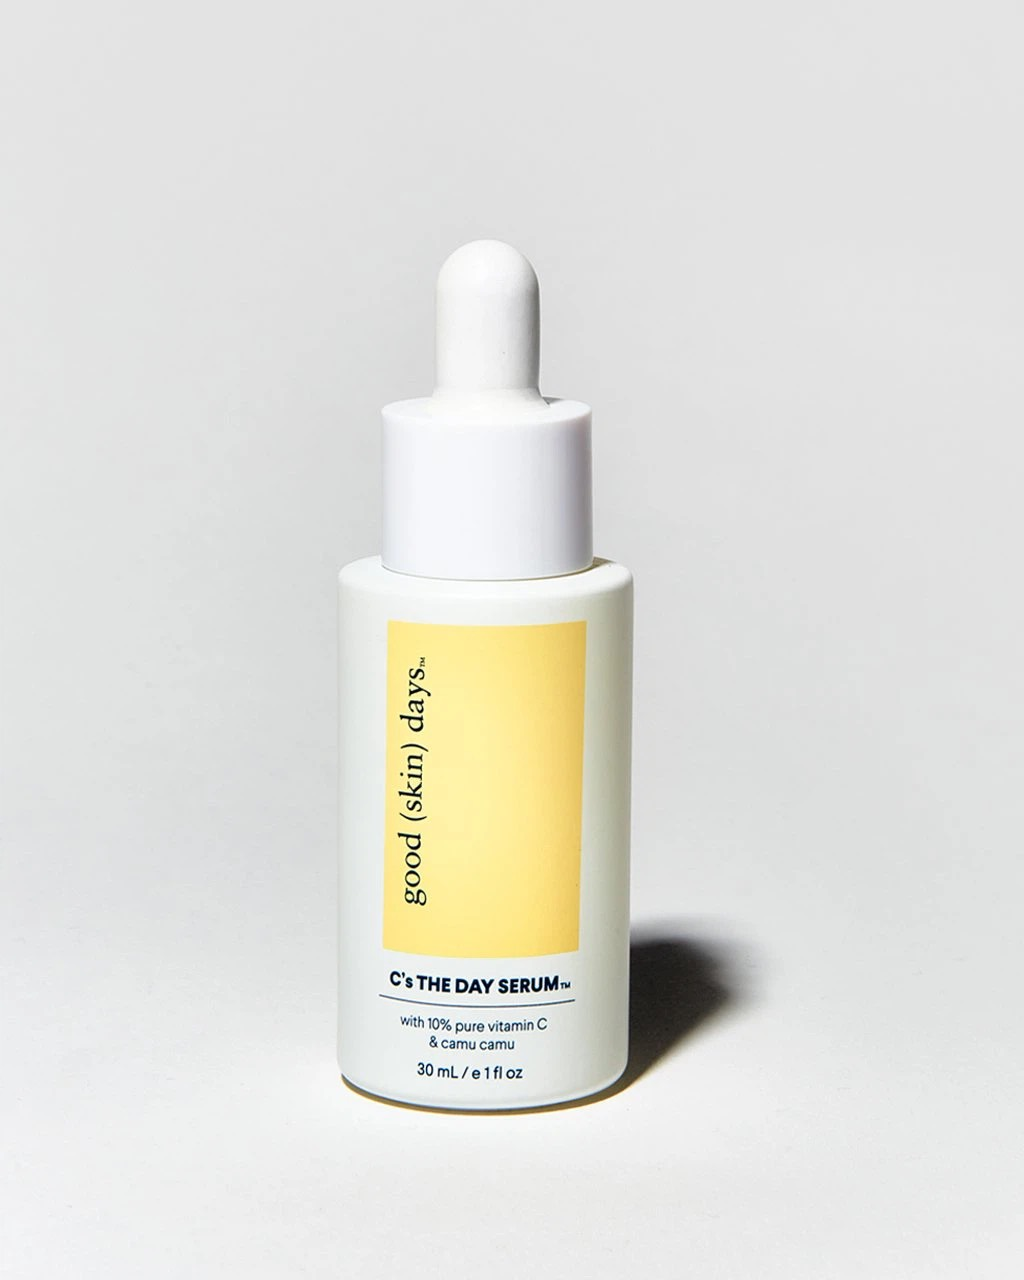 Chuyên gia chỉ ra 3 cách chọn vitamin C chuẩn chỉnh để da không bị châm chích khi dùng - Ảnh 3.